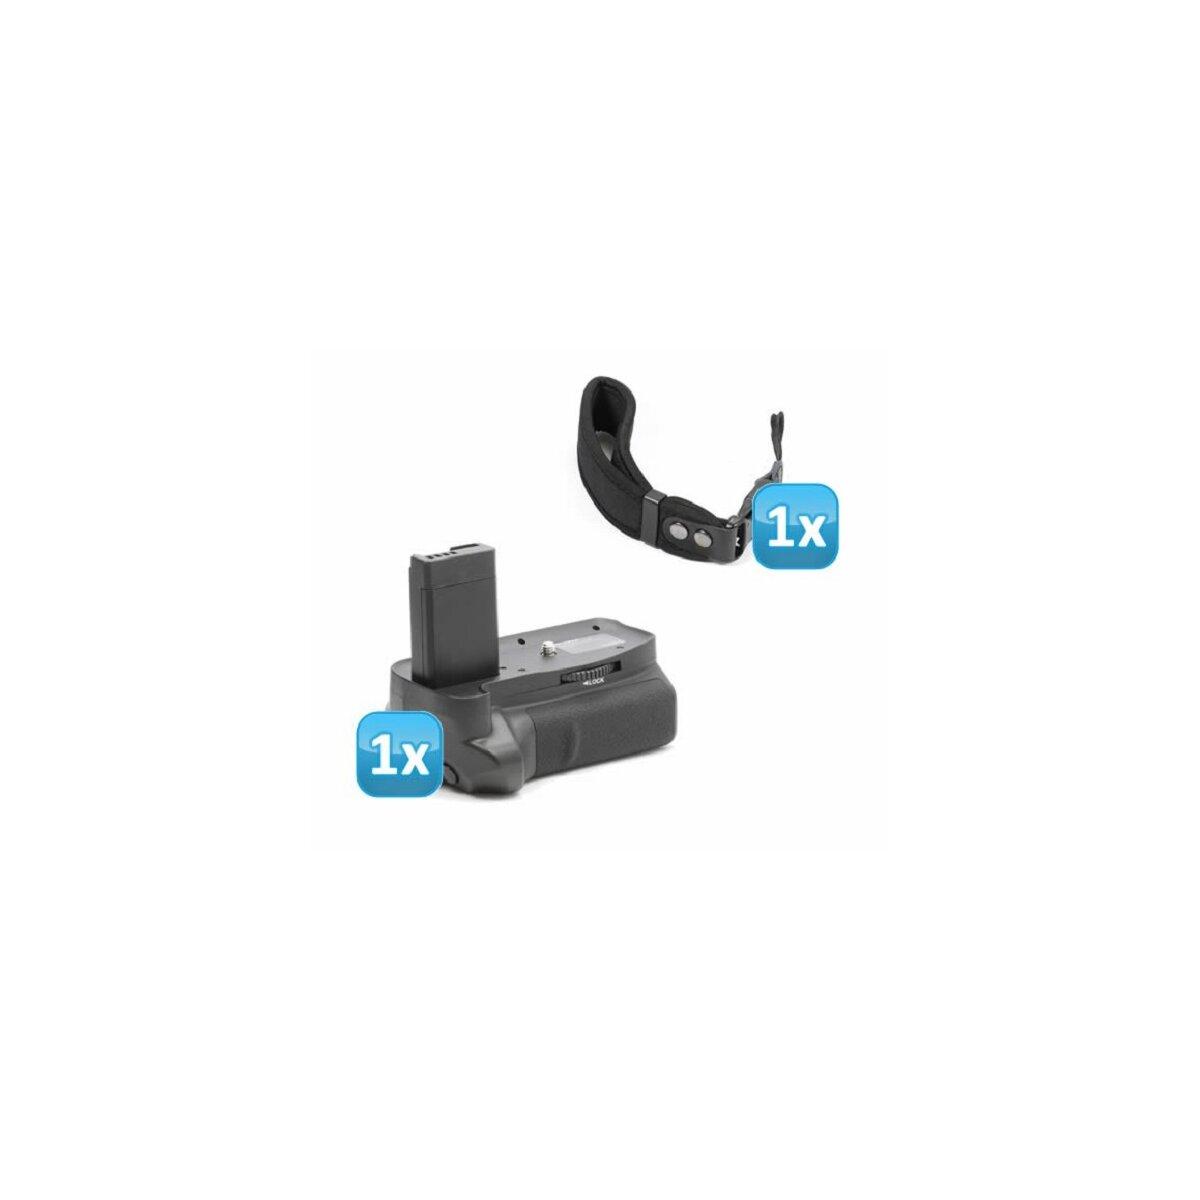 Minadax Profi Batteriegriff kompatibel mit Canon EOS 1200D, 1100D - für 2x LP-E10 + 1x Neopren Handgelenkschlaufe